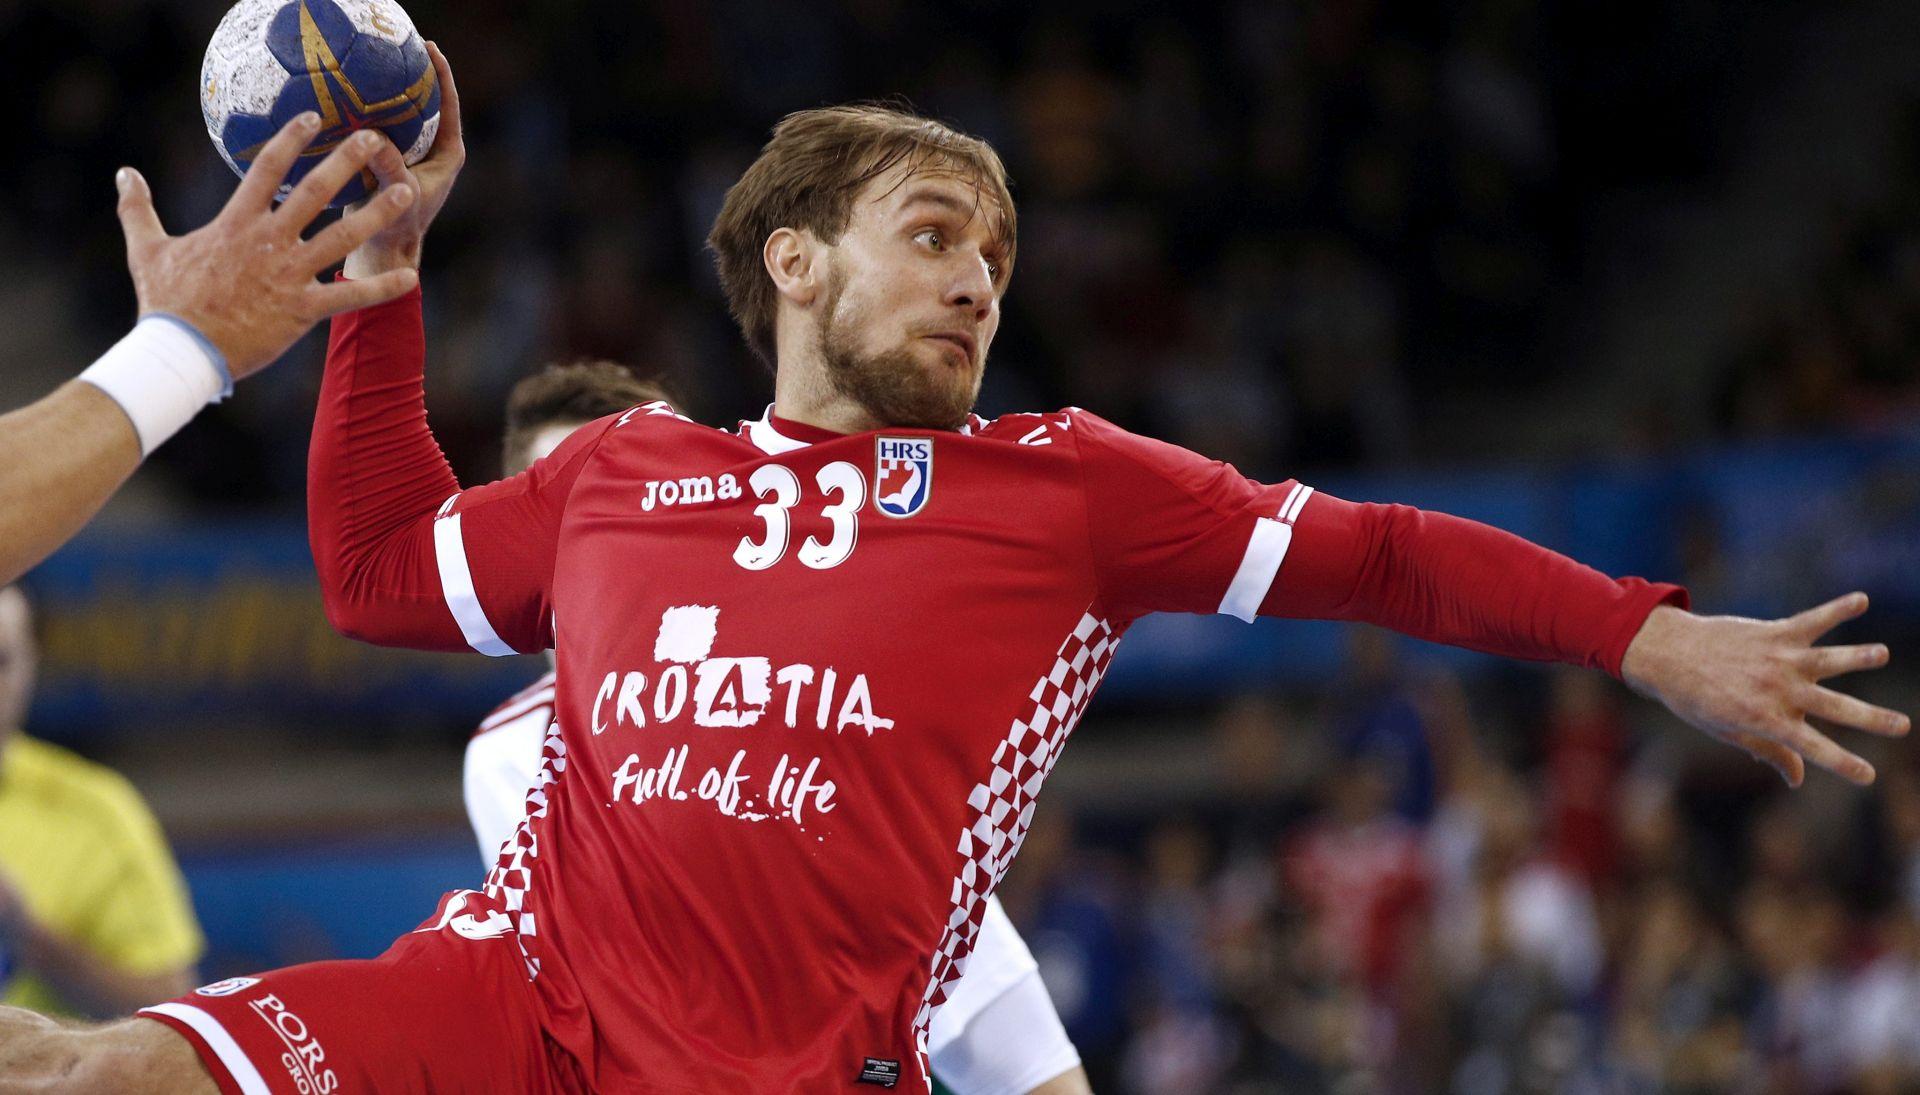 Hrvatska se probudila u drugom poluvremenu i upisala drugu pobjedu na SP